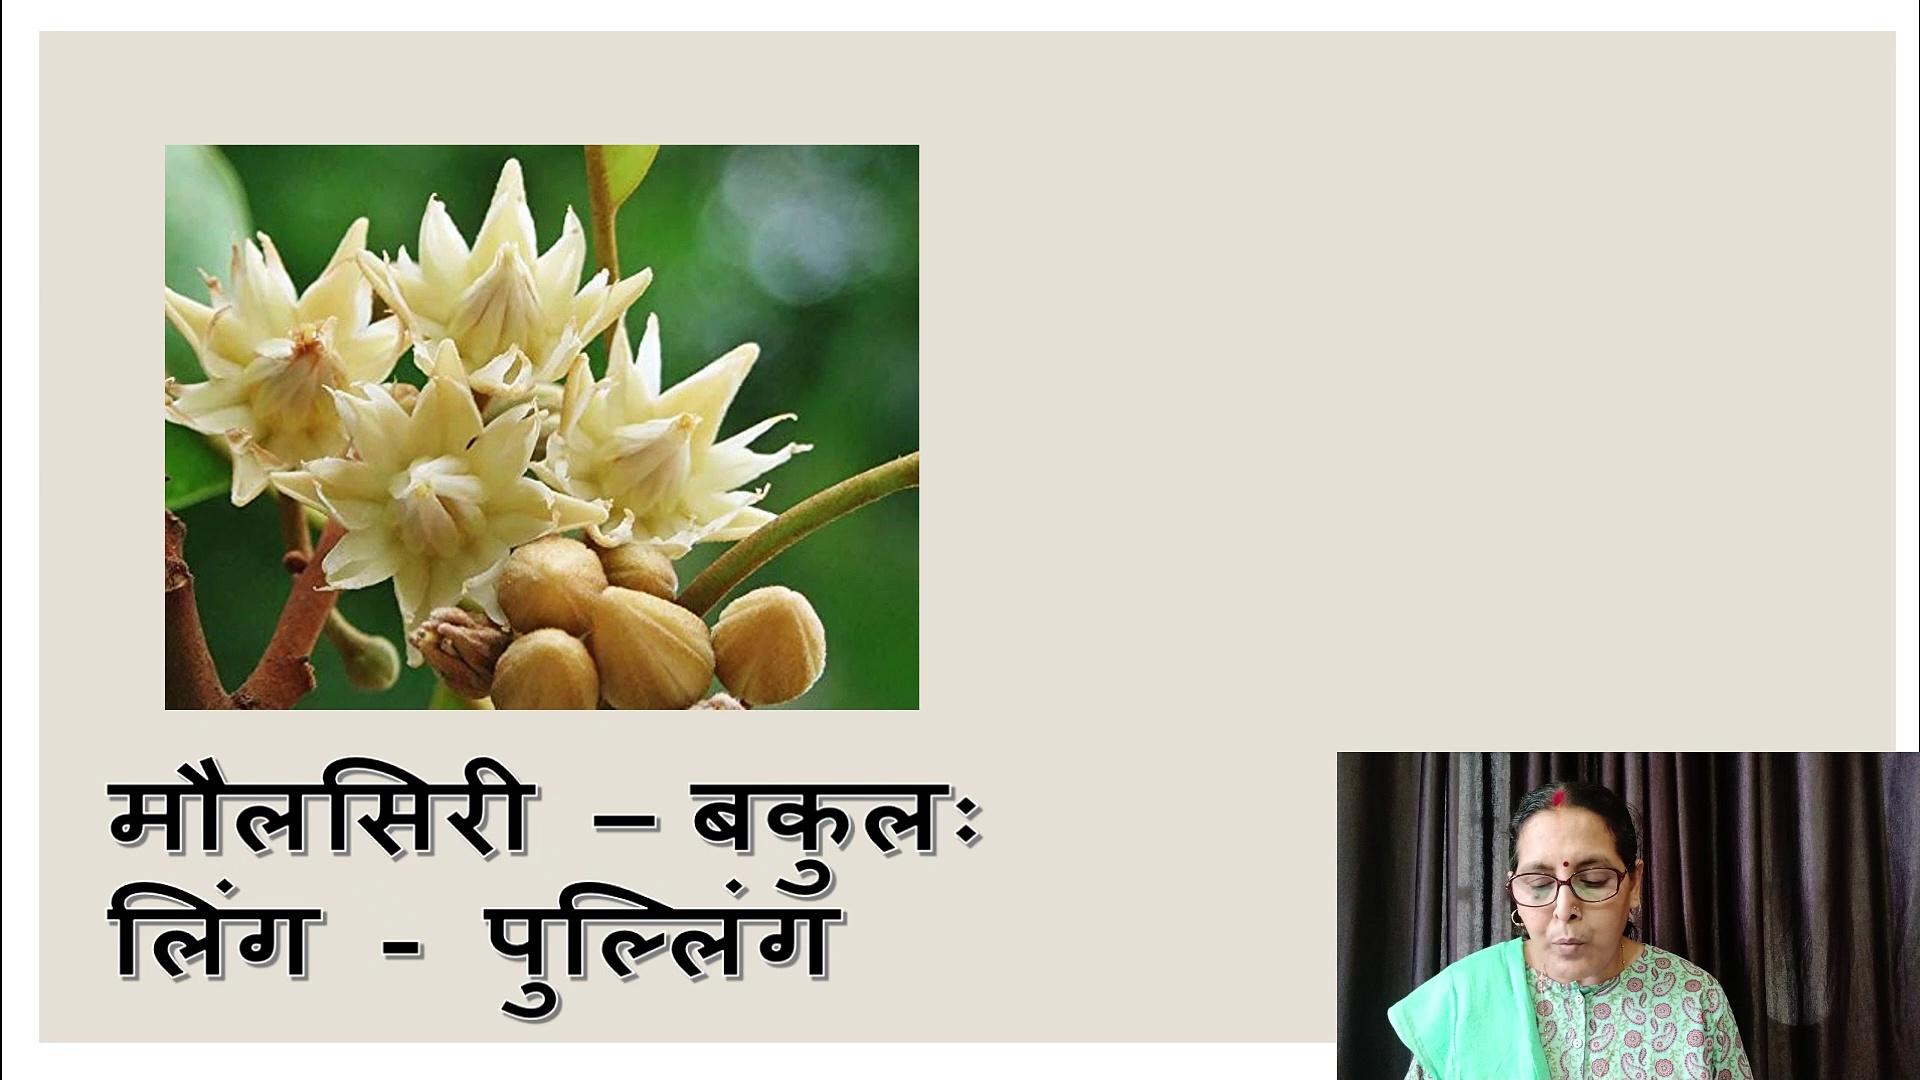 Sanskrit mein Phoolon ke naam ll Picture Sahit ll Flowers name in Sanskrit